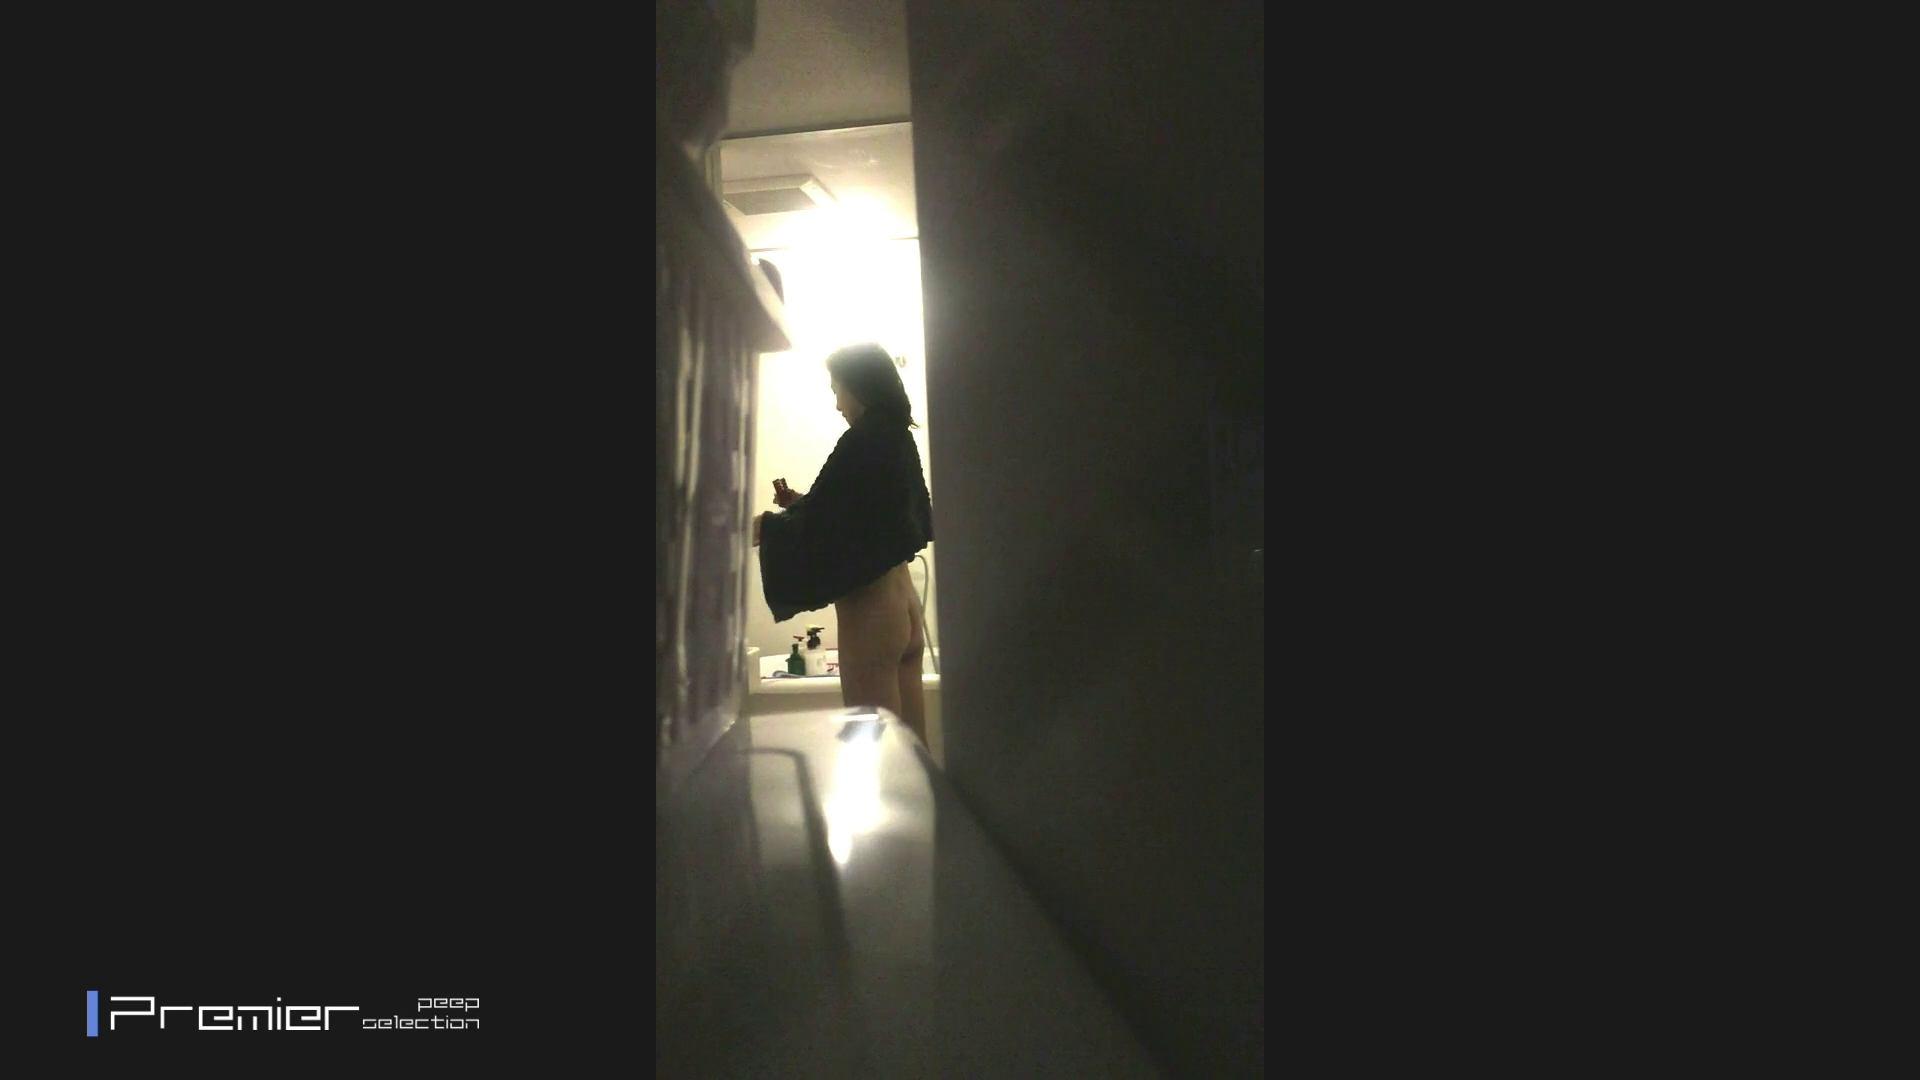 未公開★現役モデルのシャワー  美女達の私生活に潜入! シャワー ぱこり動画紹介 108画像 97